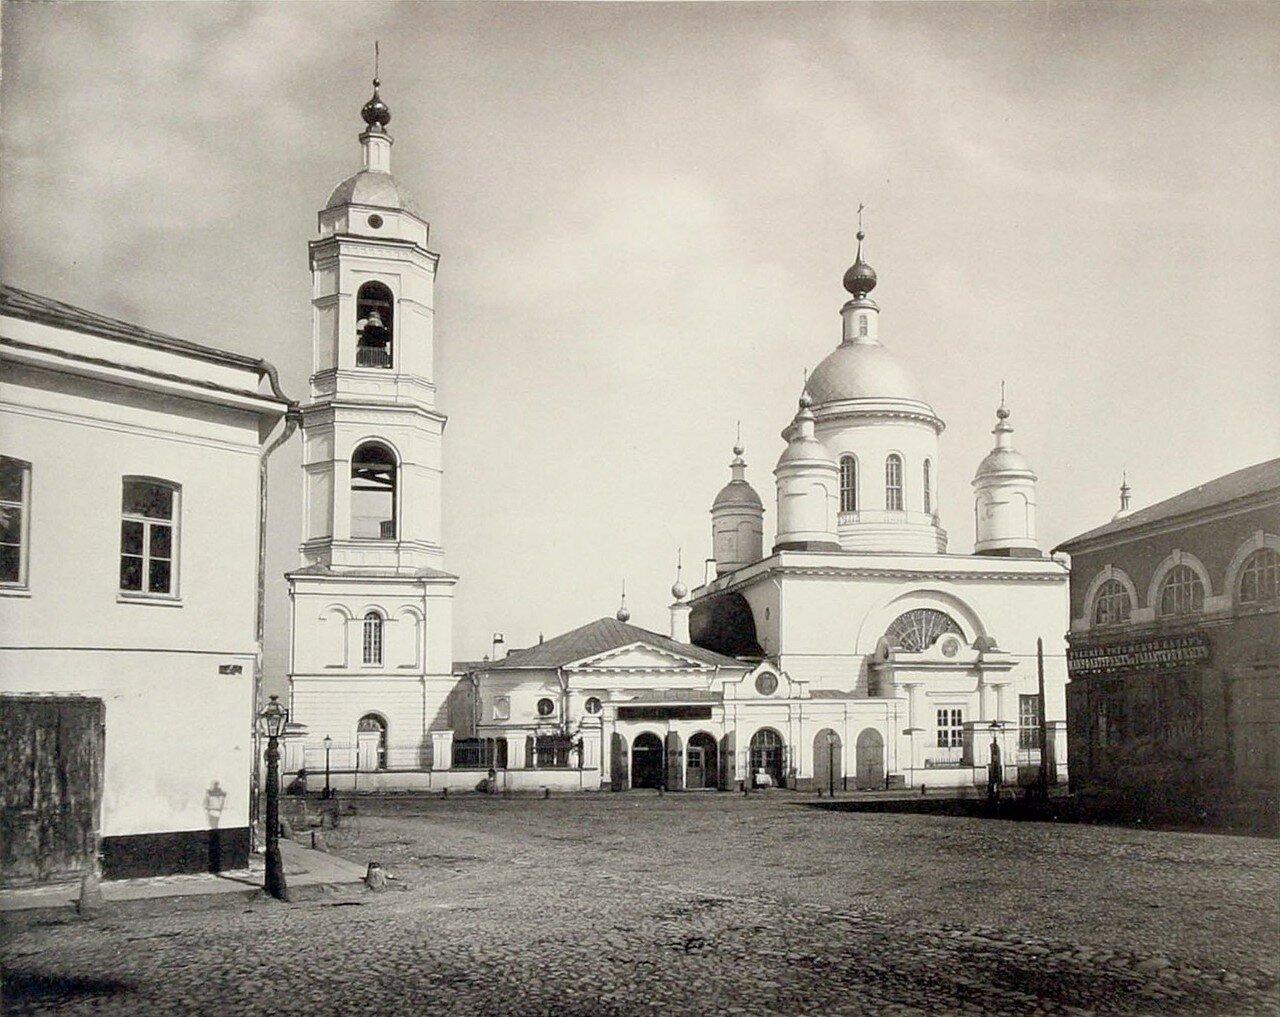 431. Церковь преподобного Сергия в Рогожской